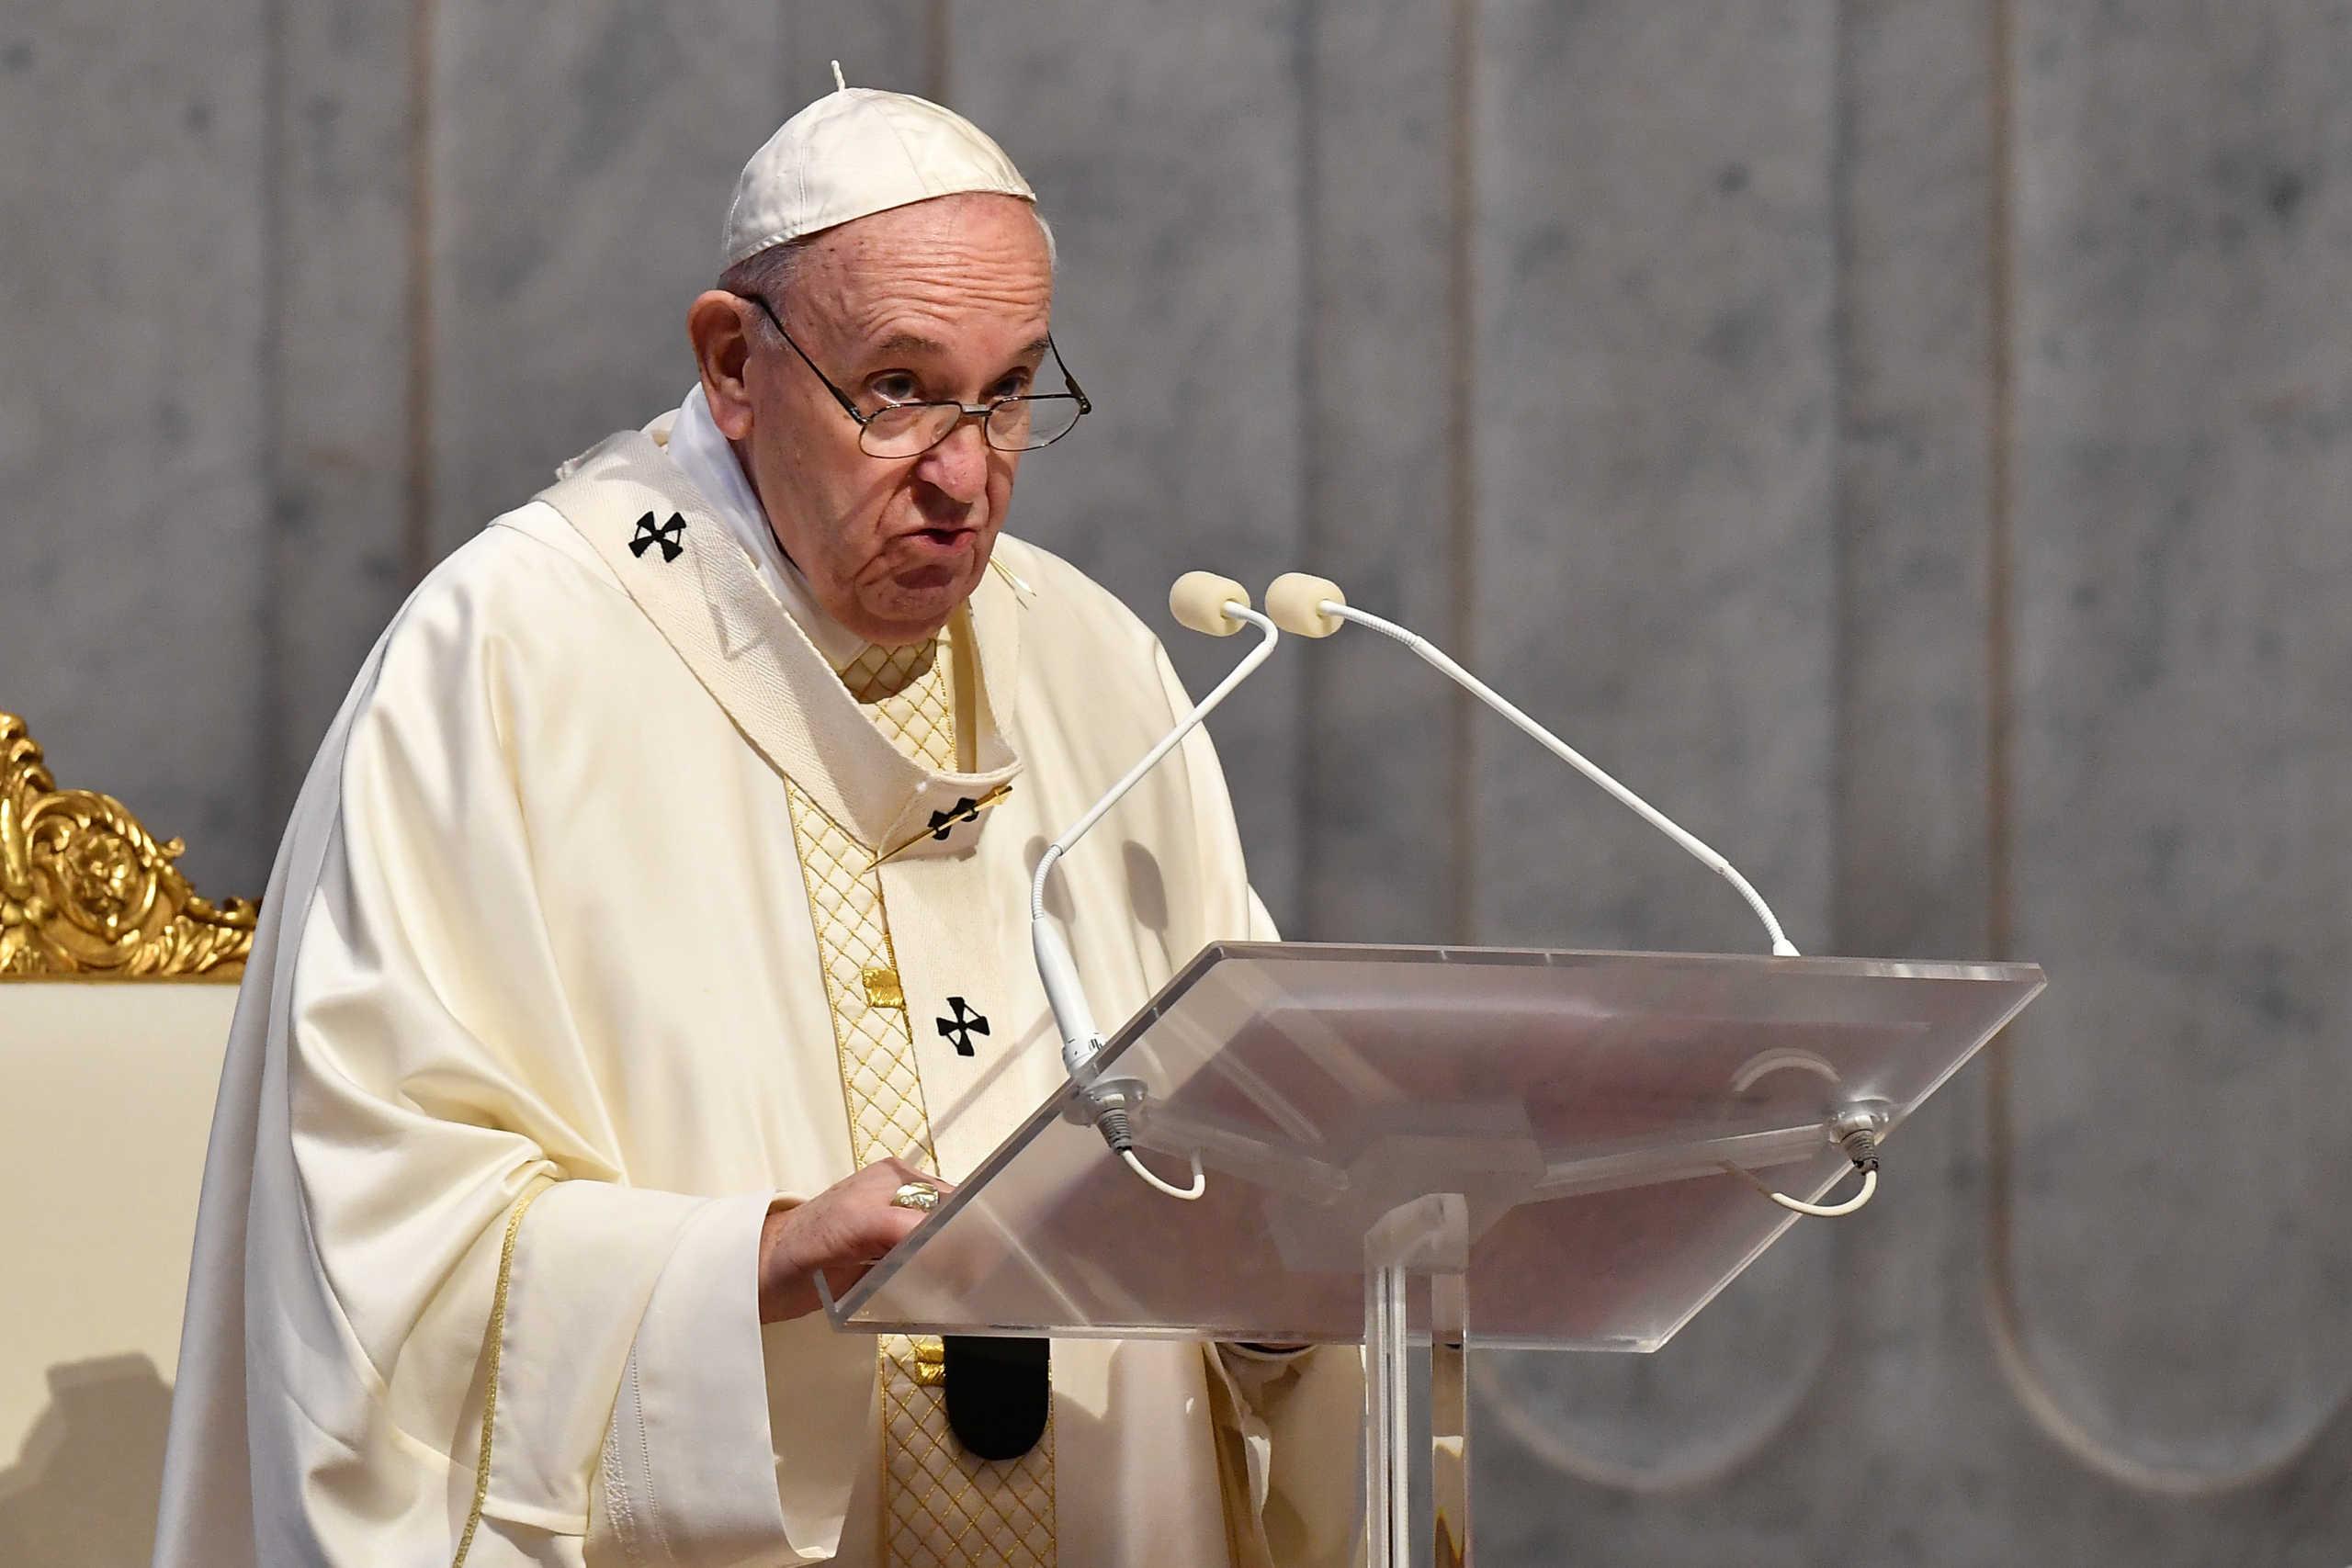 Ο Πάπας παίρνει θέση για την Αγιά Σοφιά: Νιώθω μεγάλο πόνο